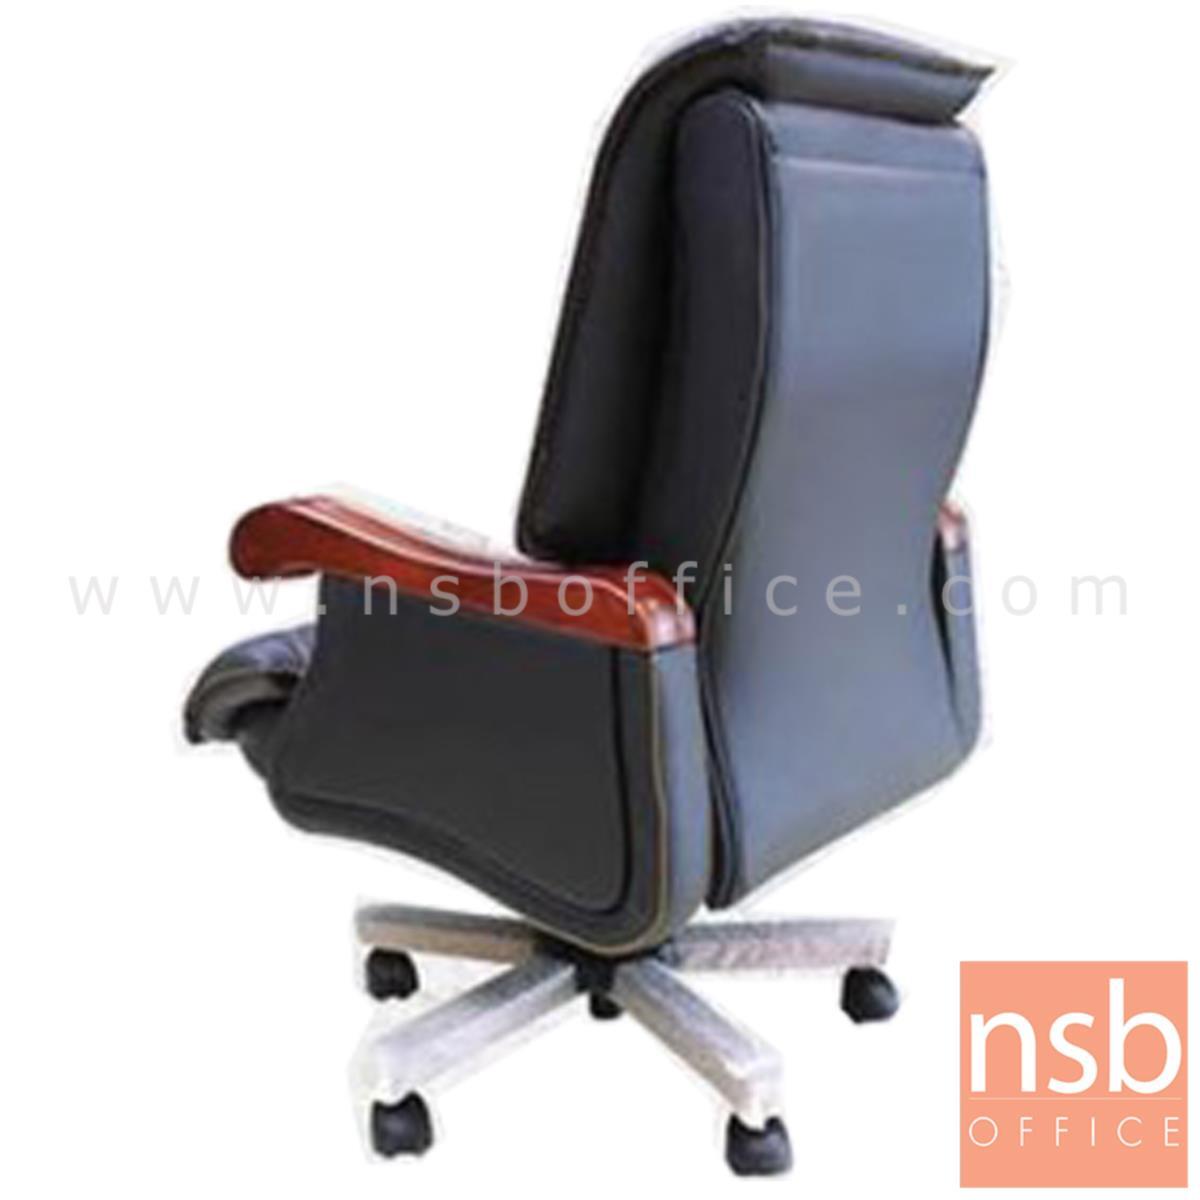 เก้าอี้ผู้บริหารหนัง PU  รุ่น DAMASK ROSE (ดามาคส โรส)  โช๊คแก๊ส ขาเหล็ก